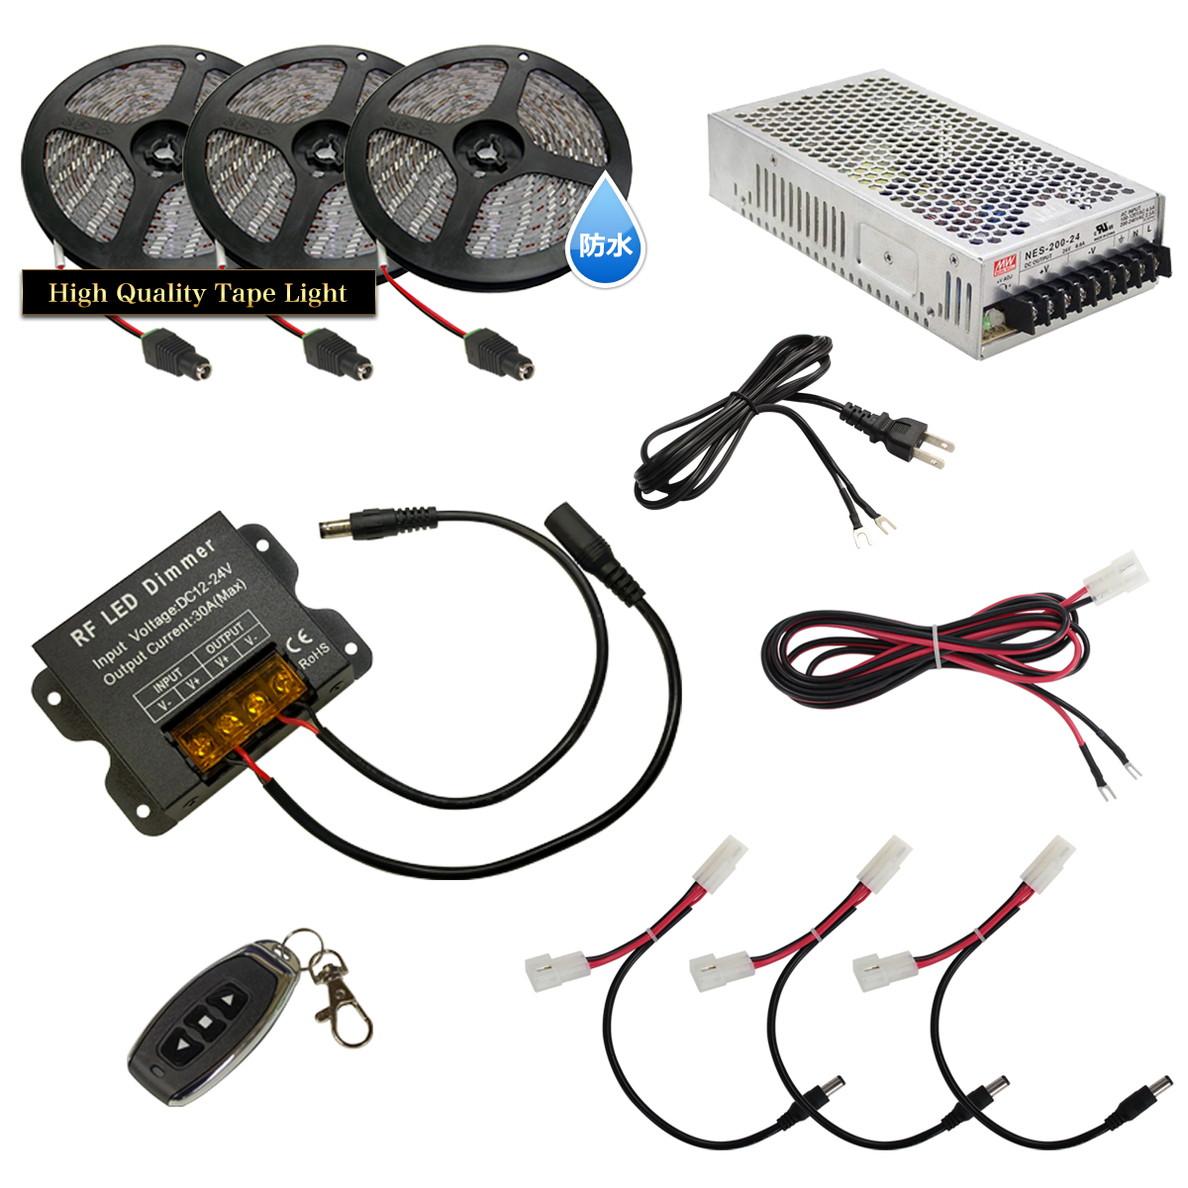 【らくらく350cm×3本セット】 防水3チップ LEDテープライト(RoHS対応) +調光器+対応アダプター付き